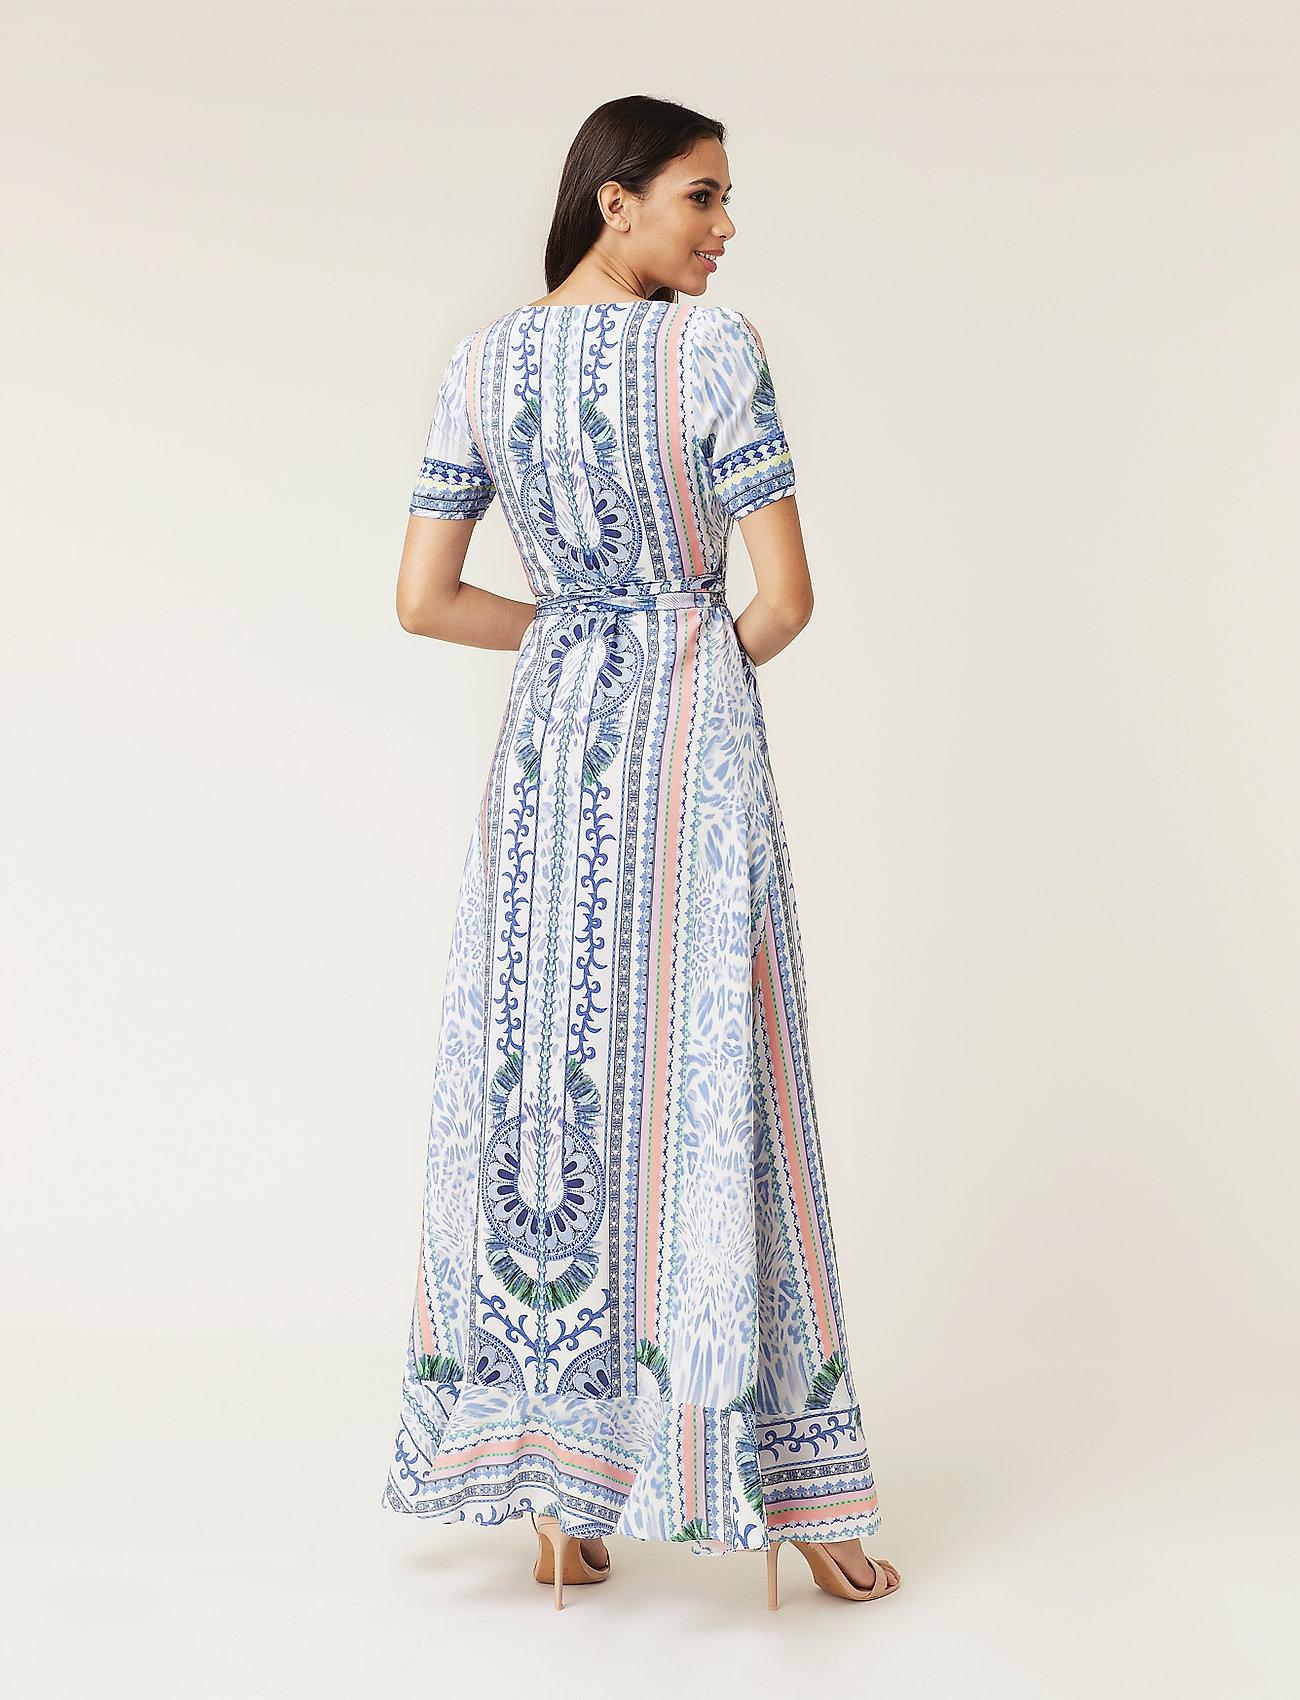 By Malina Alba dress - Sukienki PARAíSO - Kobiety Odzież.